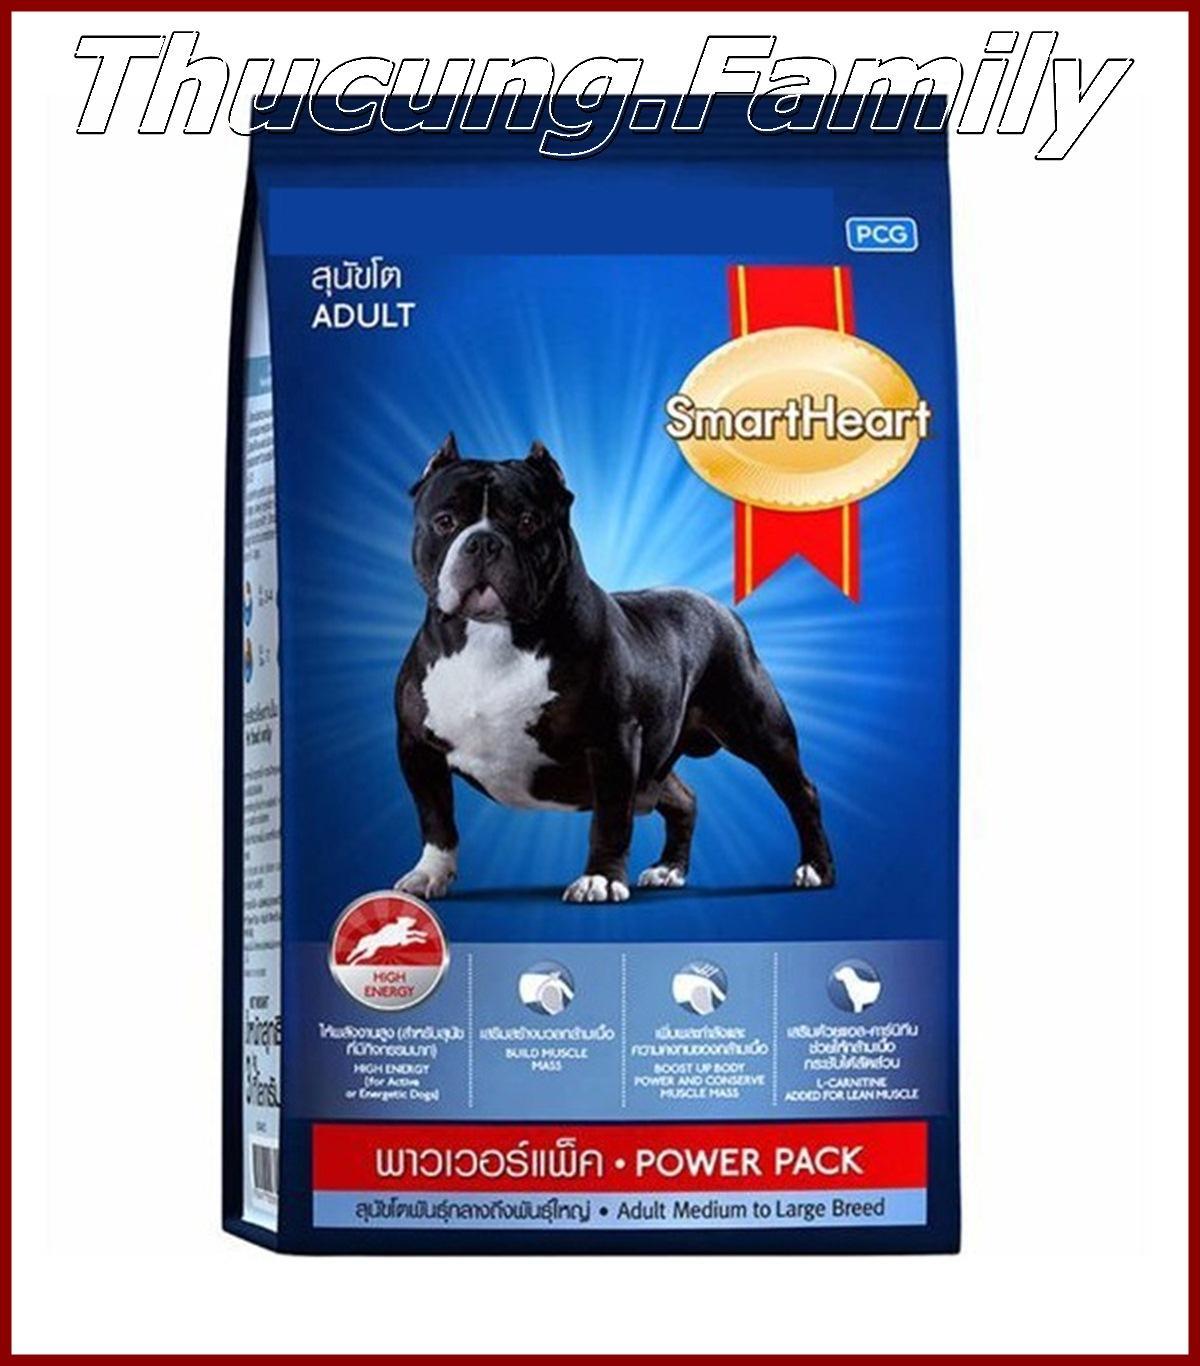 Thức ăn hạt cho Chó phát triễn cơ SmartHeart Power Pack Adult 1kg, Nhập Thái Lan.